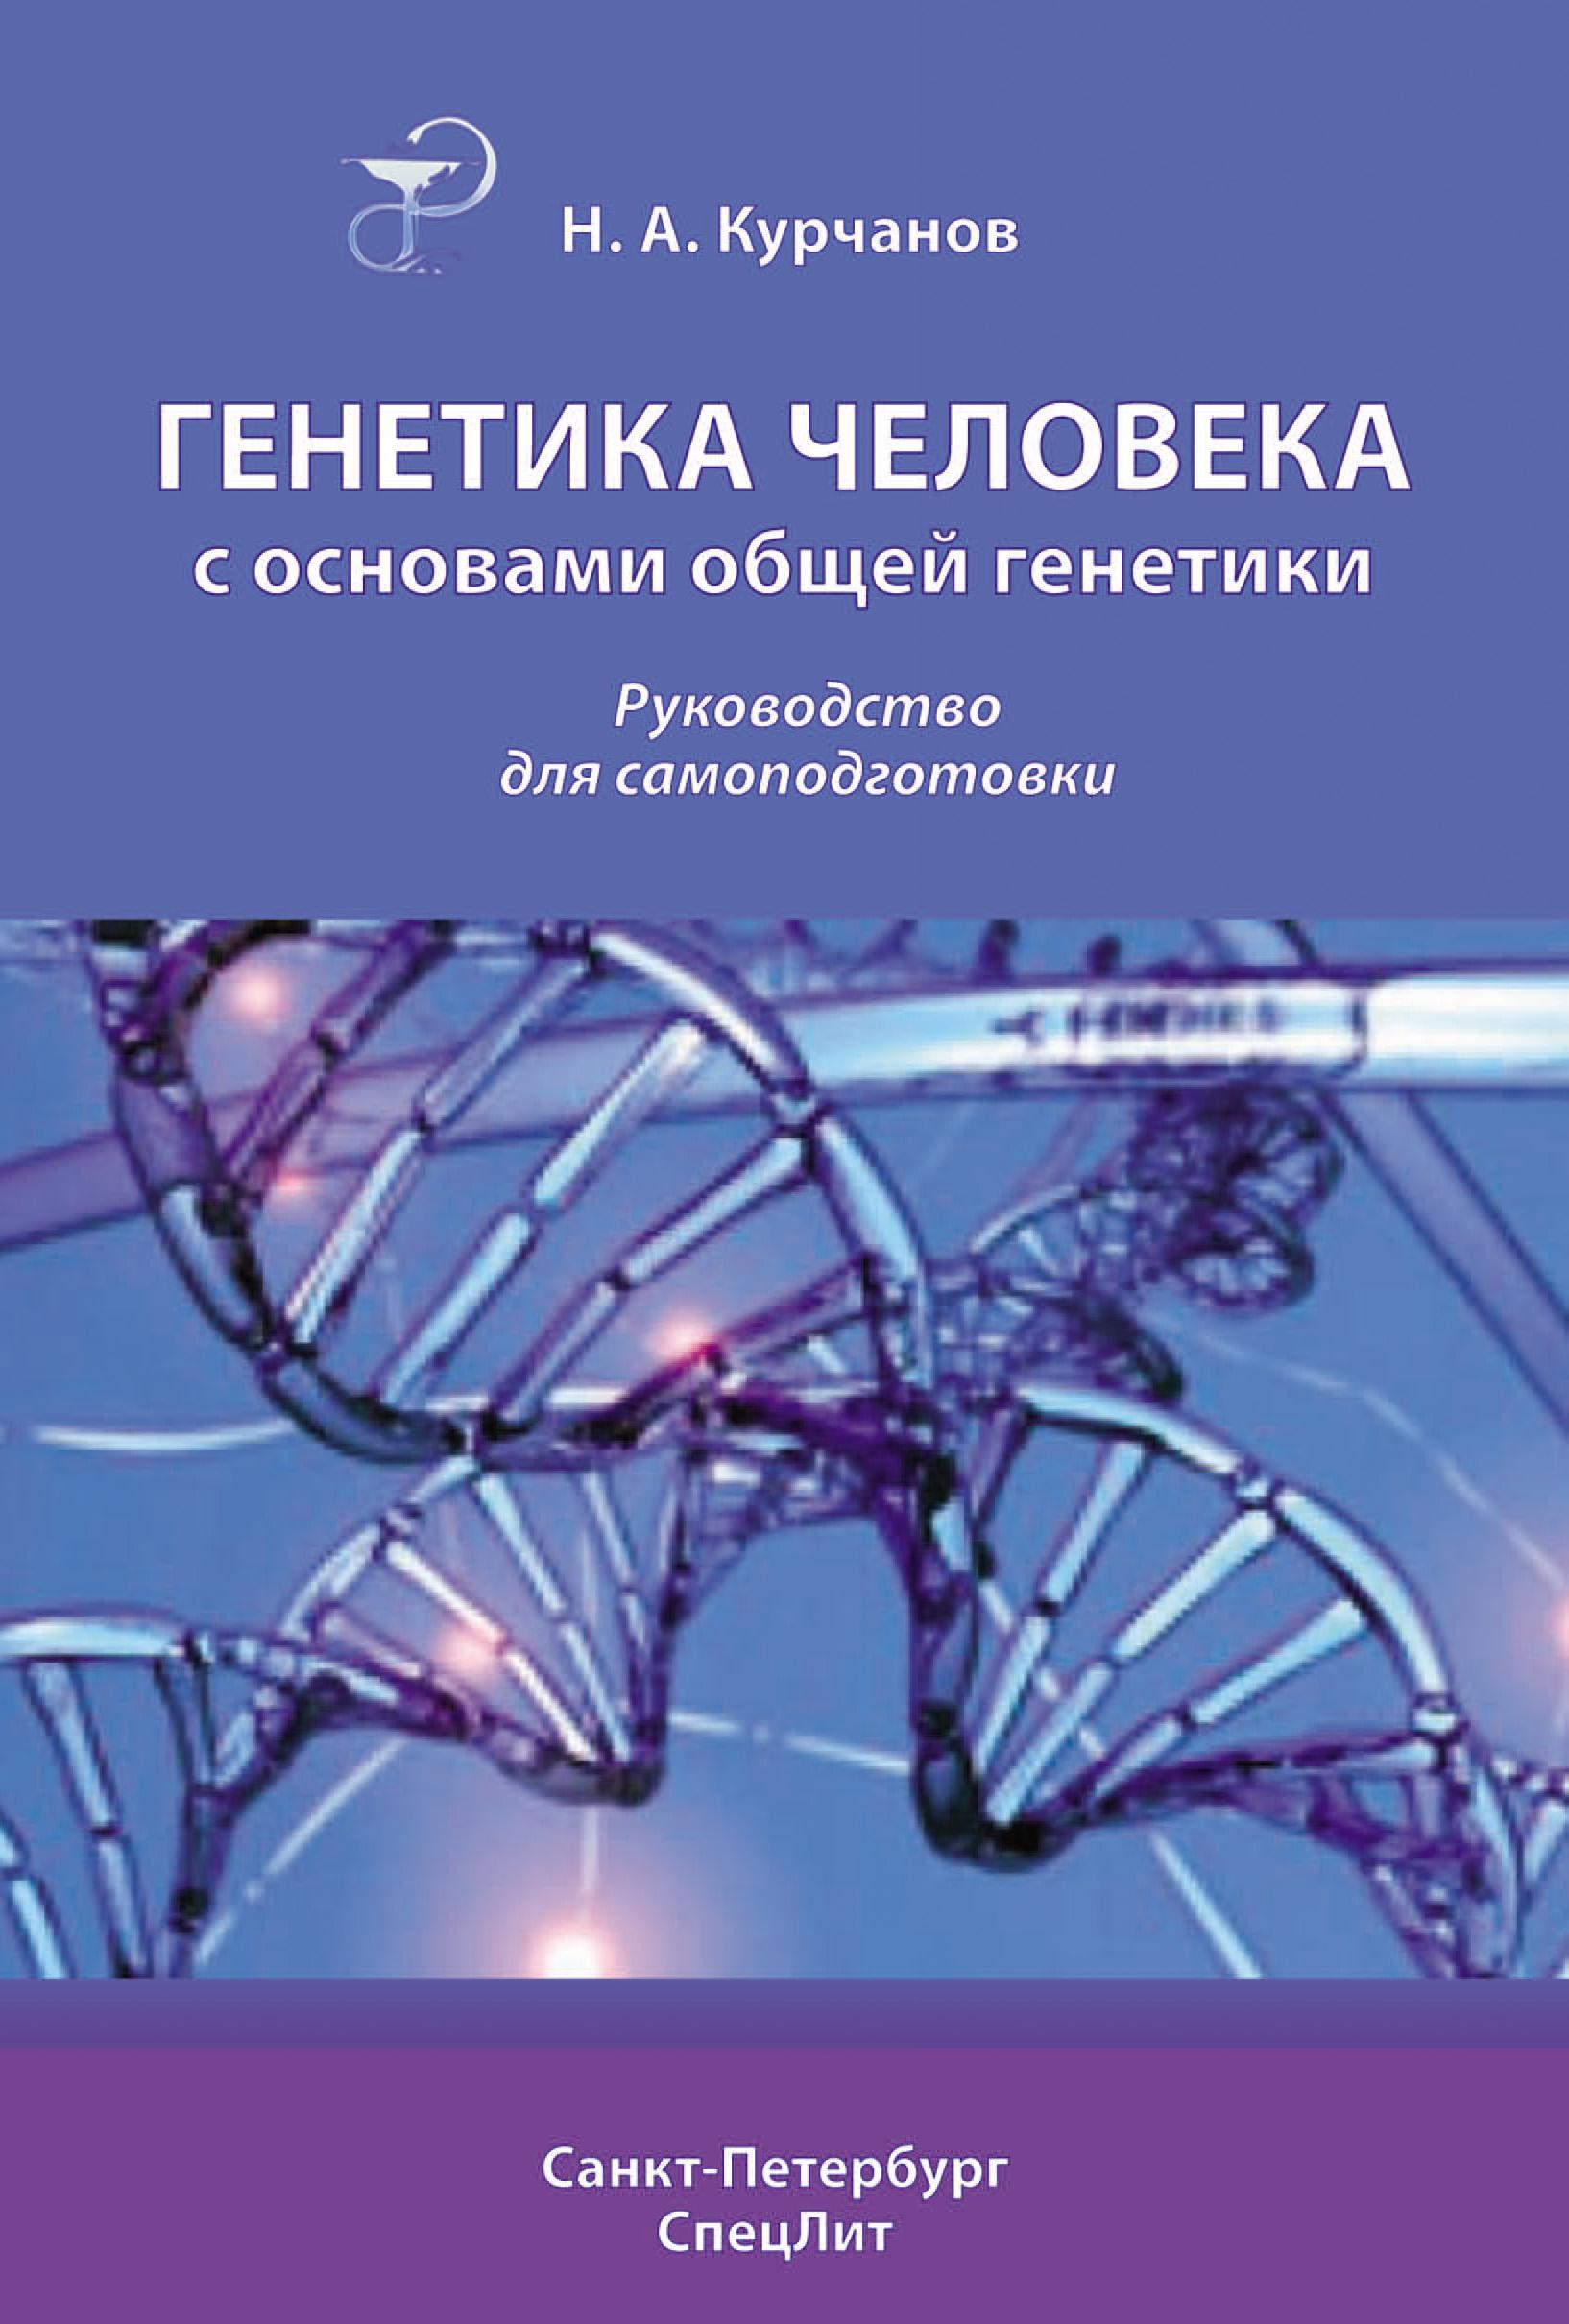 Николай Курчанов Генетика человека с основами общей генетики. Руководство для самоподготовки хандогина е терехова и жилина с и др генетика человека с основами медицинской генетики учебник